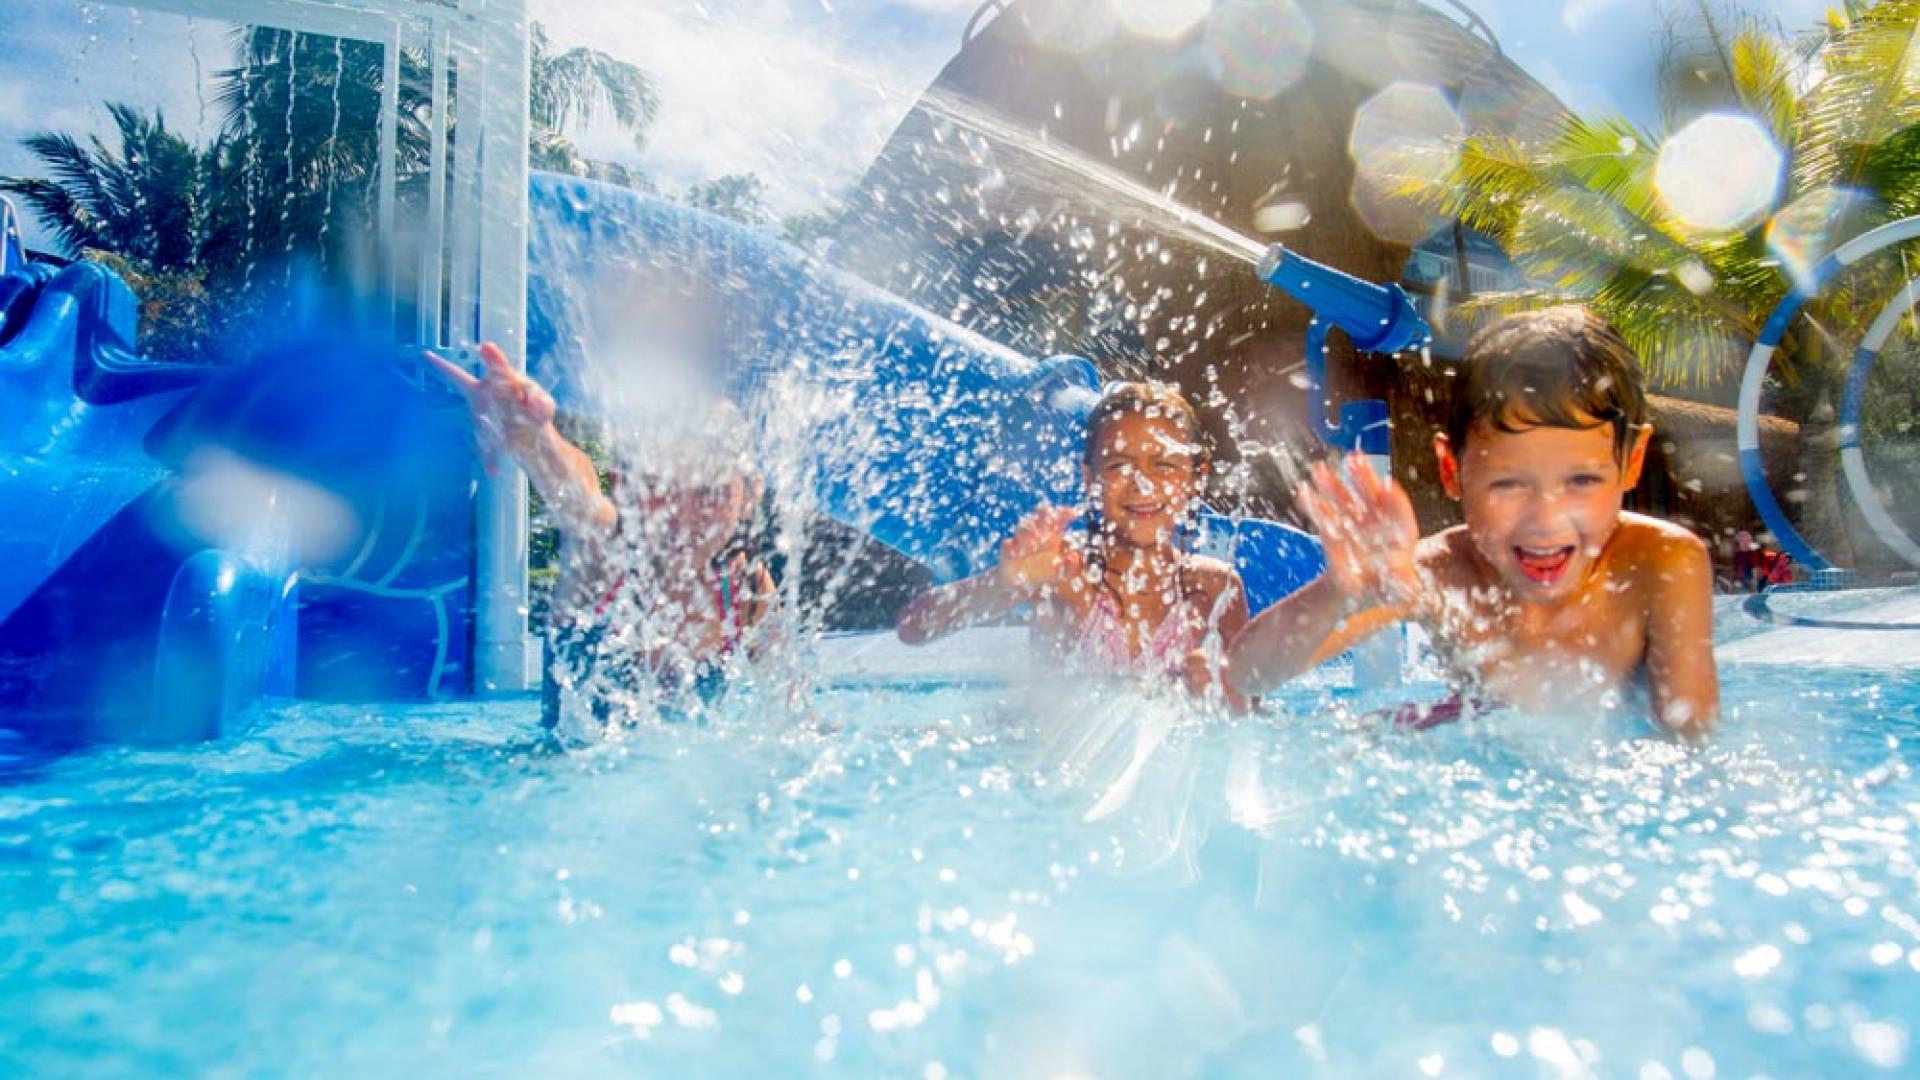 Kid's pool at Holiday Inn Kandooma Maldives